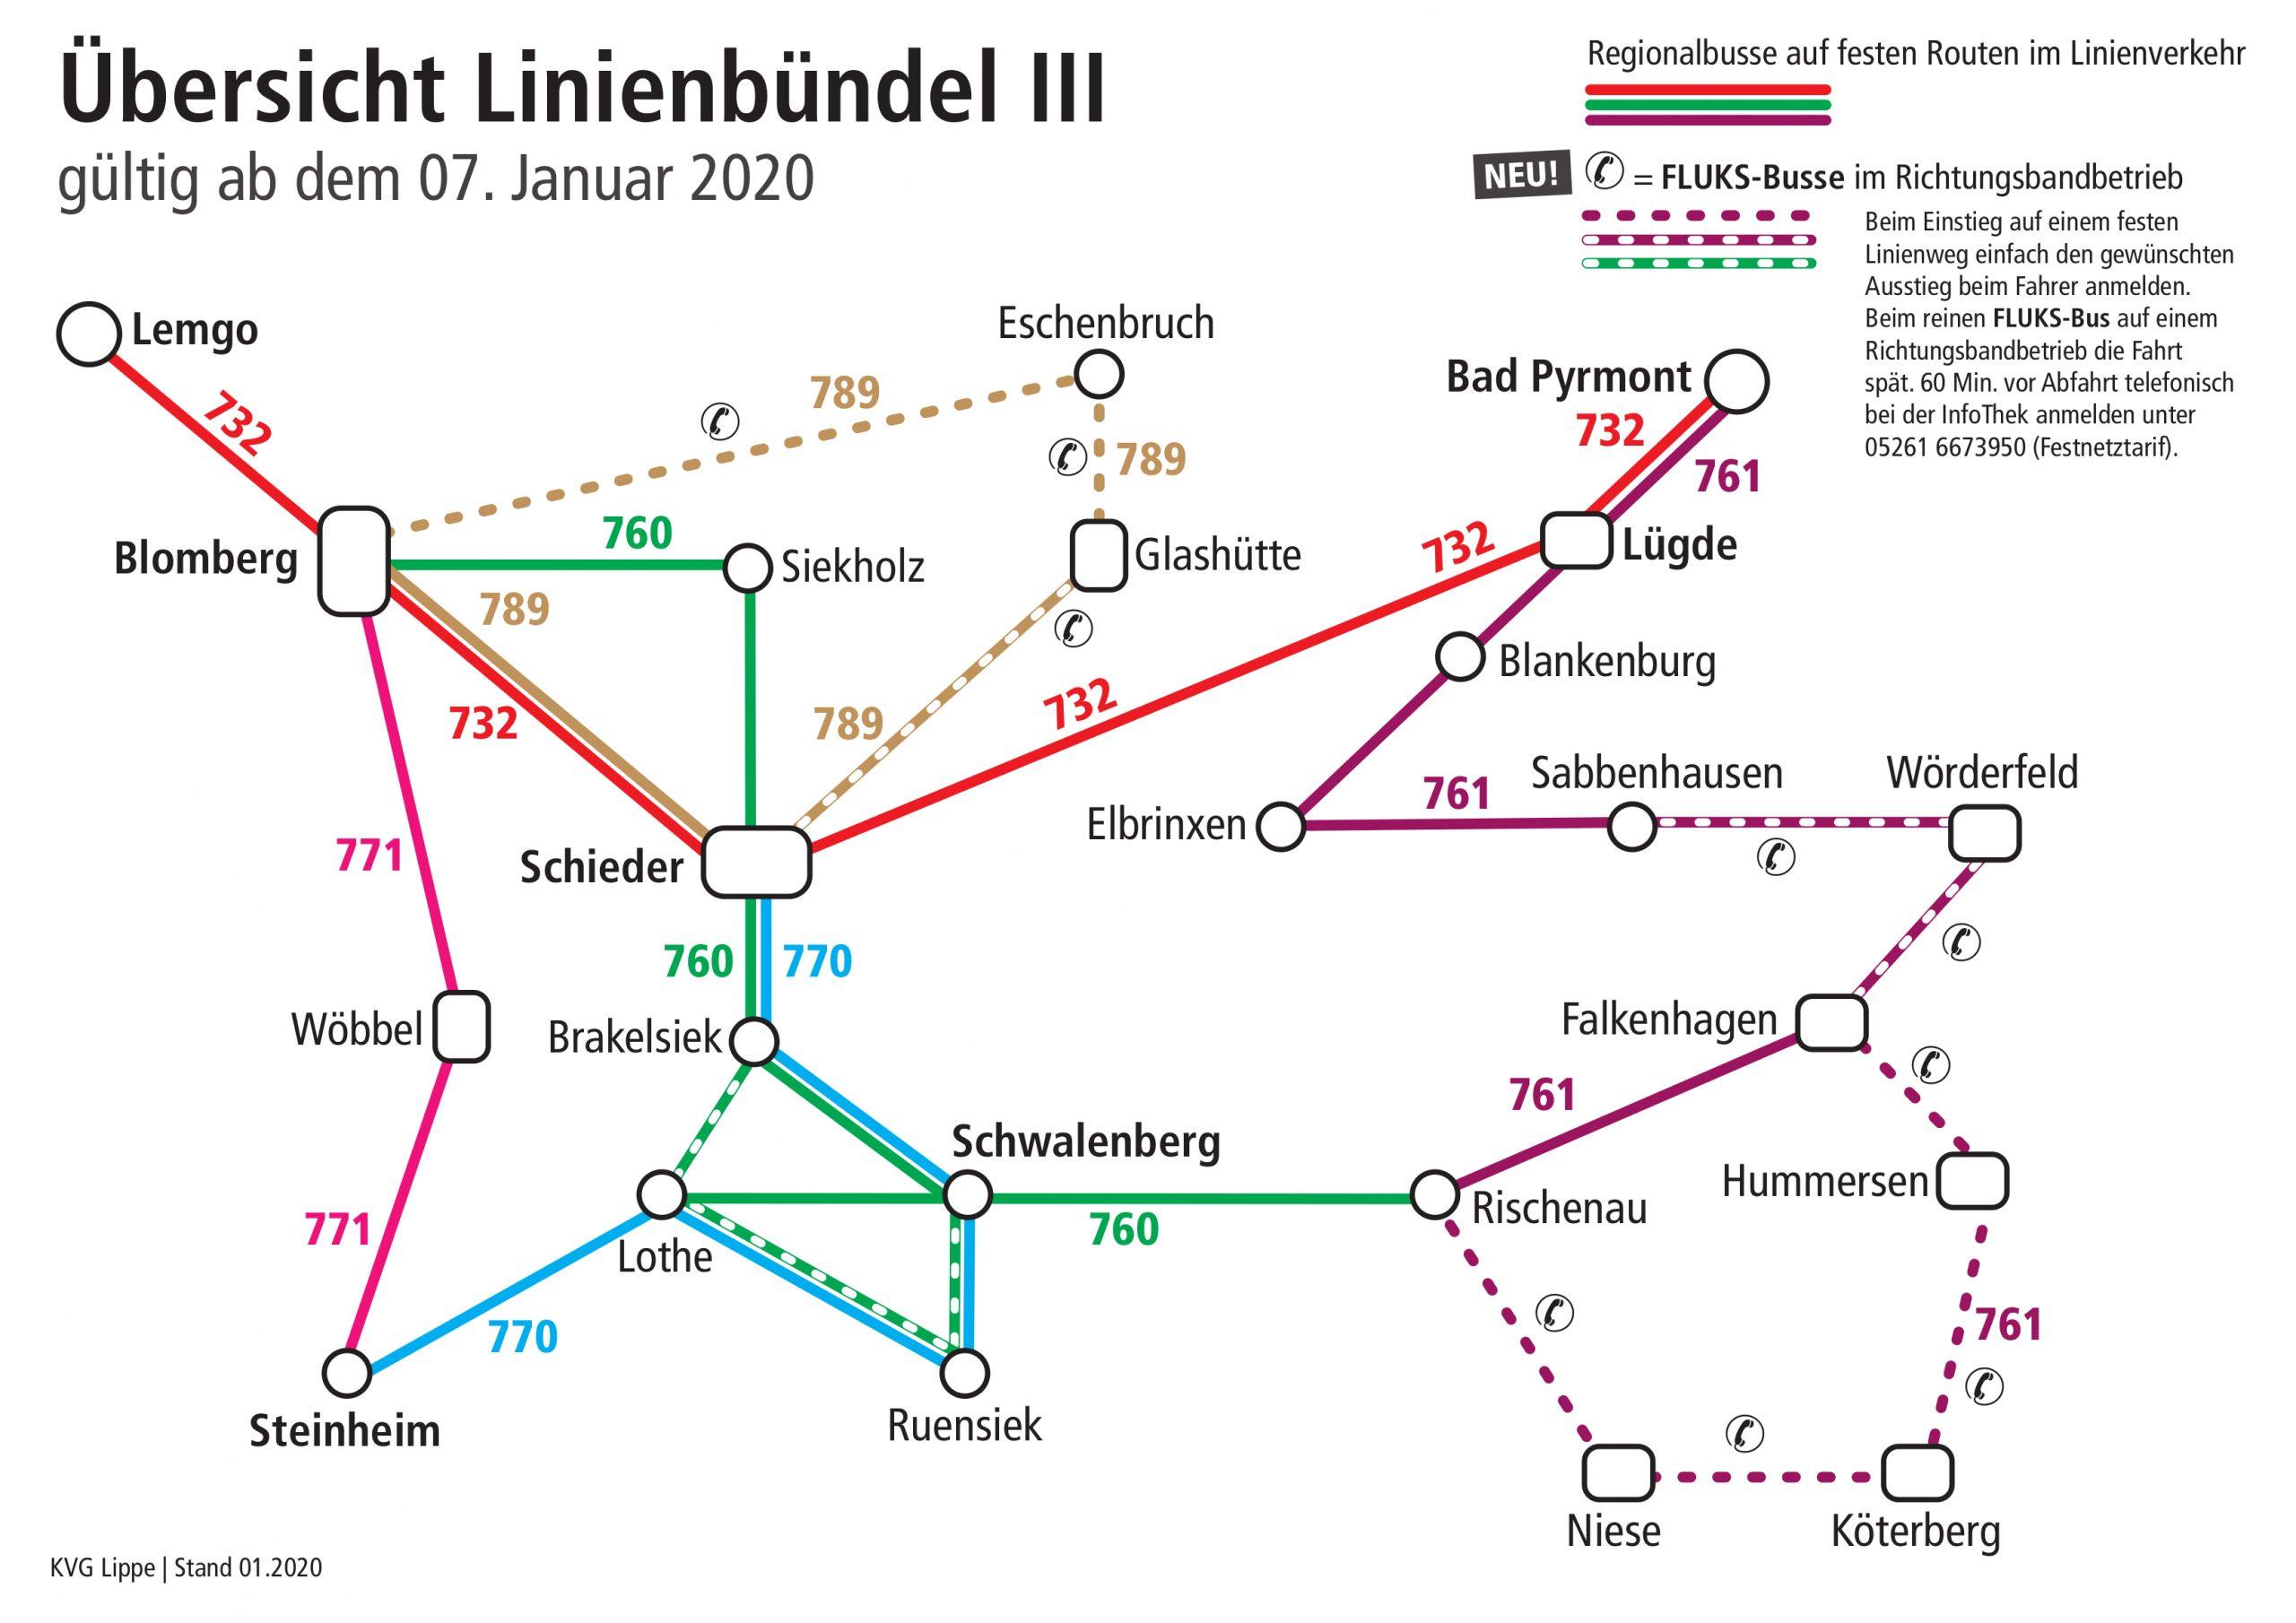 Übersicht Regionalbuslinien LB III ab 07.01.2020